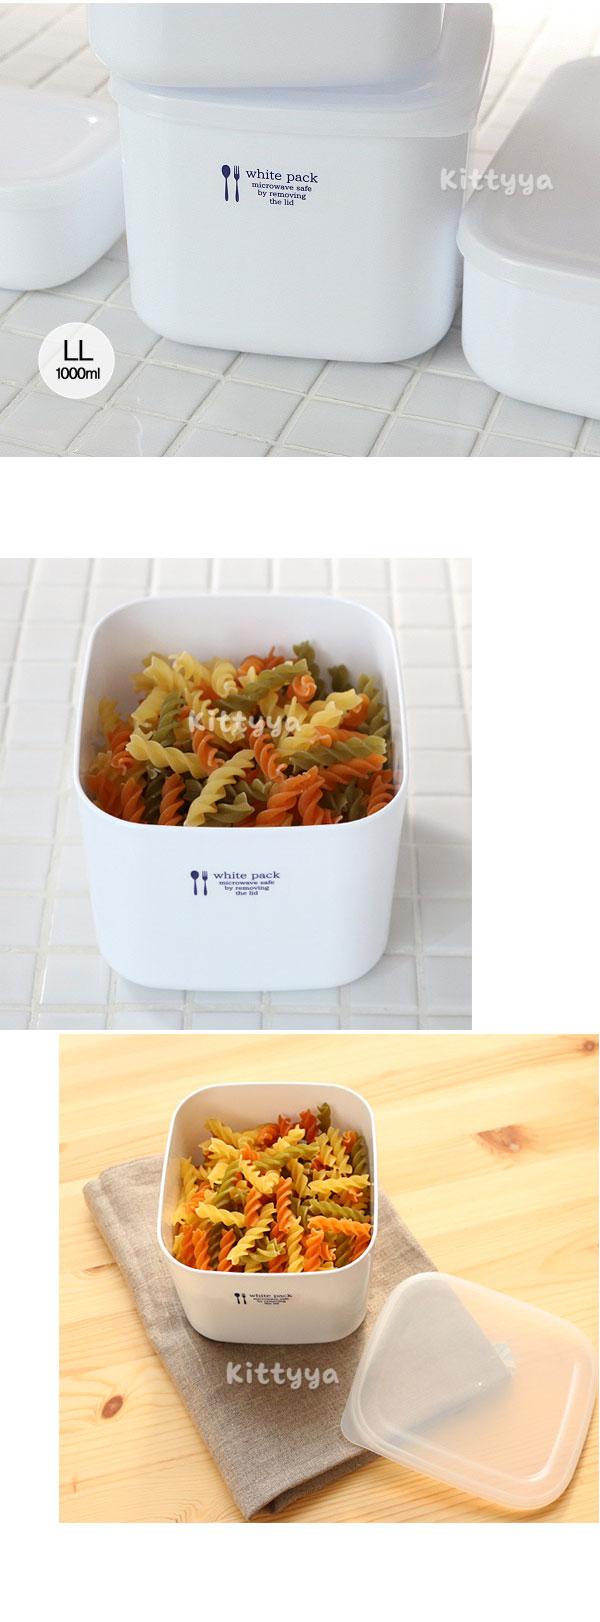 법랑 st. 나카야 화이트 밀폐용기 4 size - 키티야, 3,360원, 밀폐/보관용기, 반찬/밀폐용기